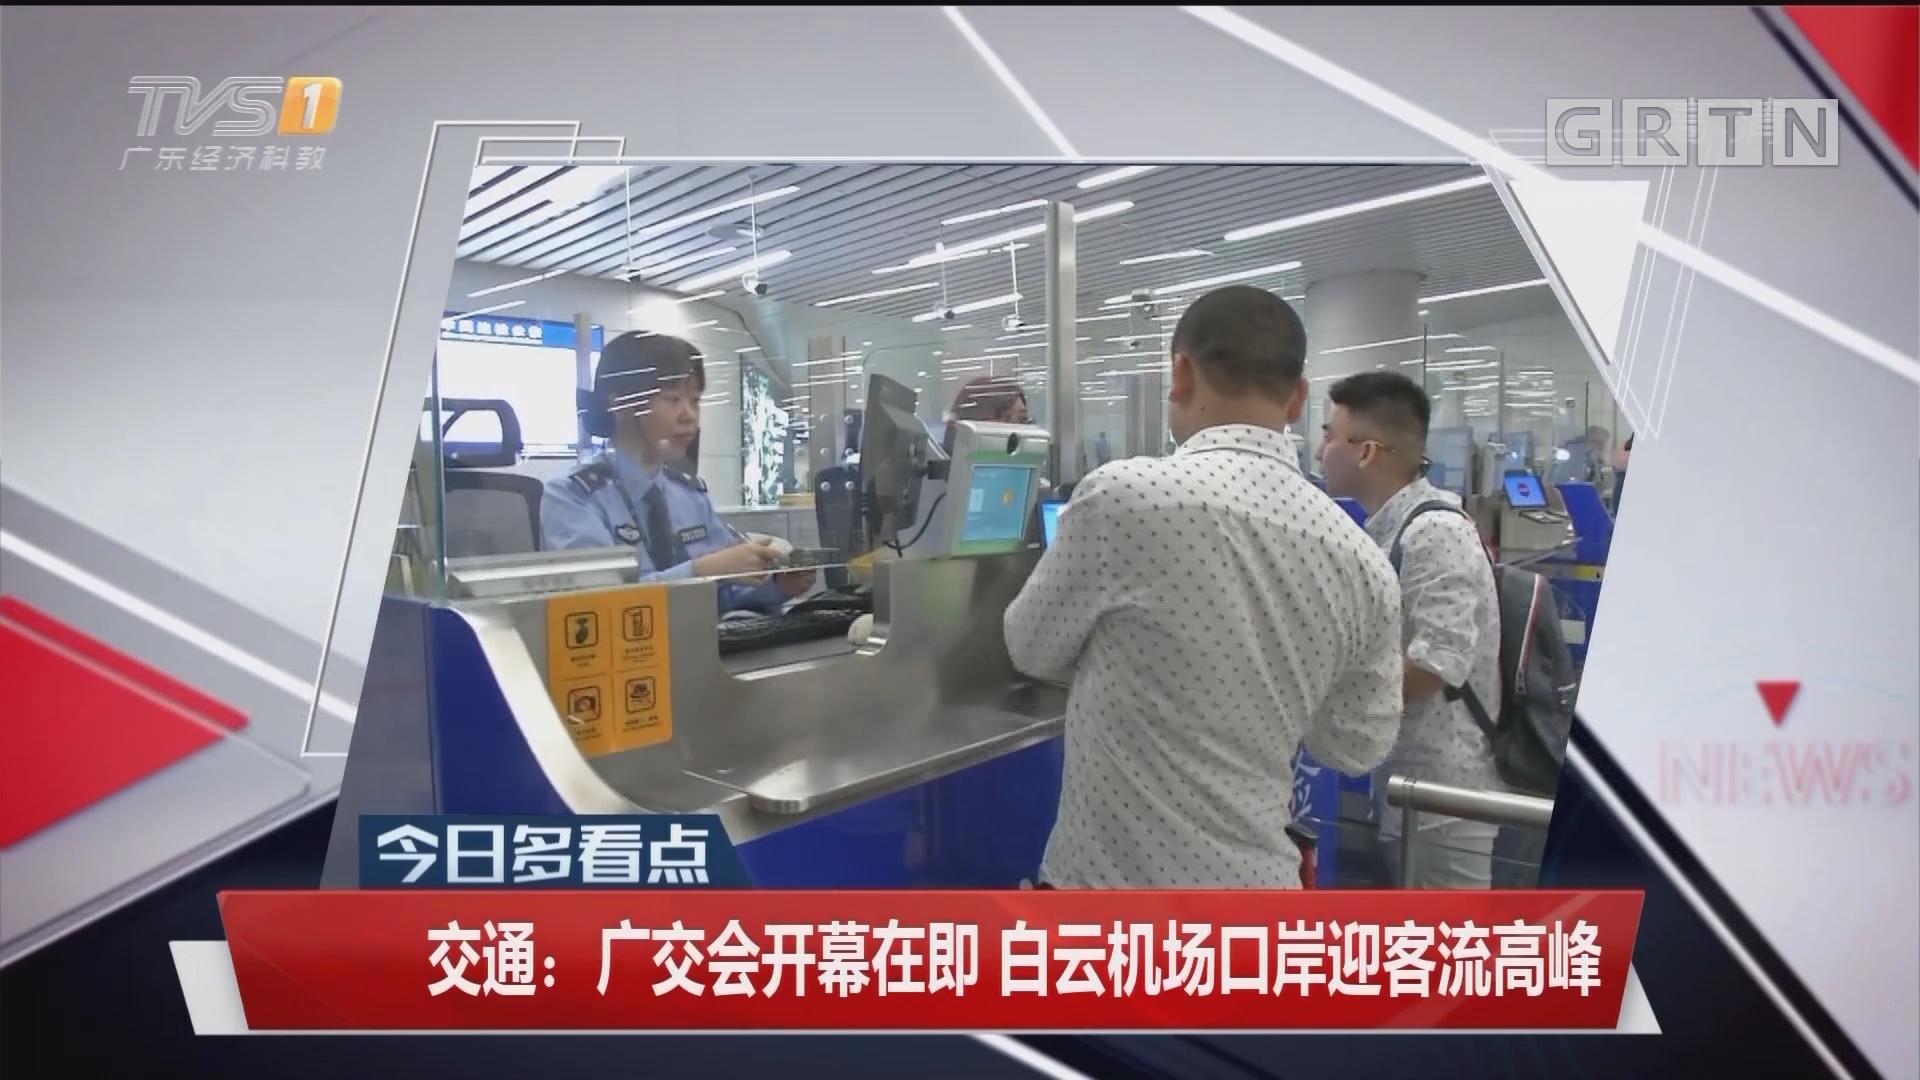 交通:广交会开幕在即 白云机场口岸迎客流高峰